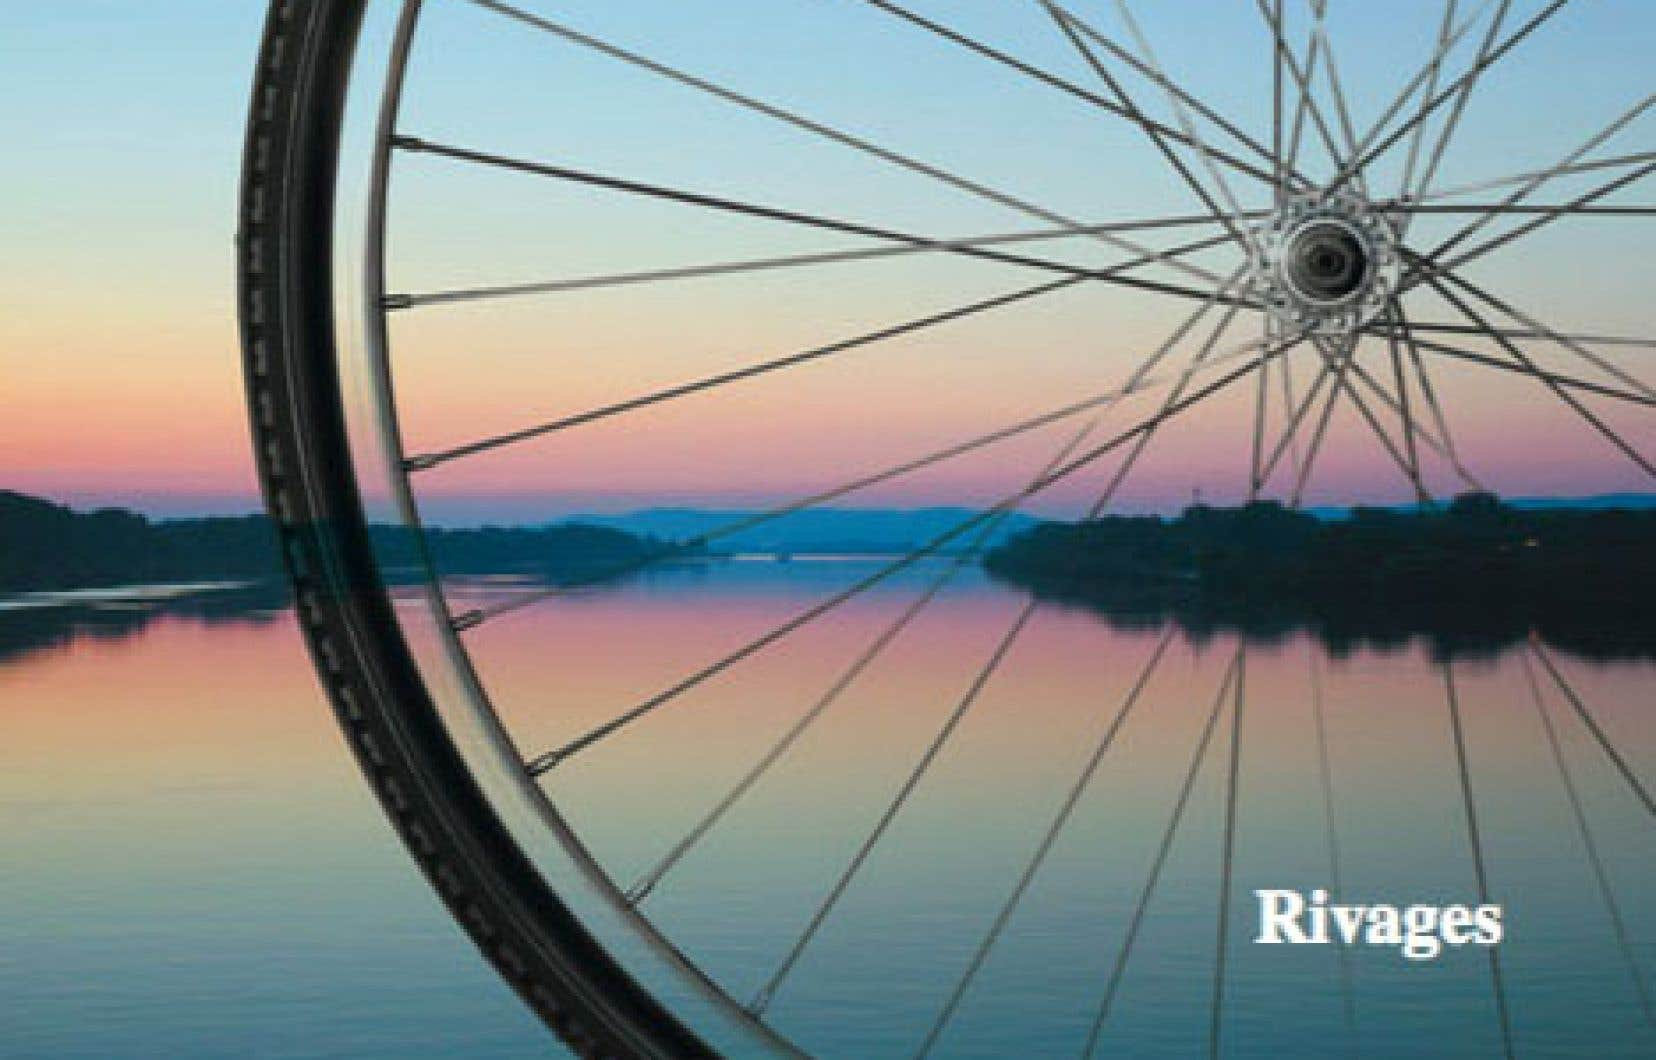 En plus de 600pages au verbe généreux, en10 pays, on y suit la remontée cycliste et littéraire d'un fleuve-frontière en même temps qu'une descente dans les entrailles de l'Europe.